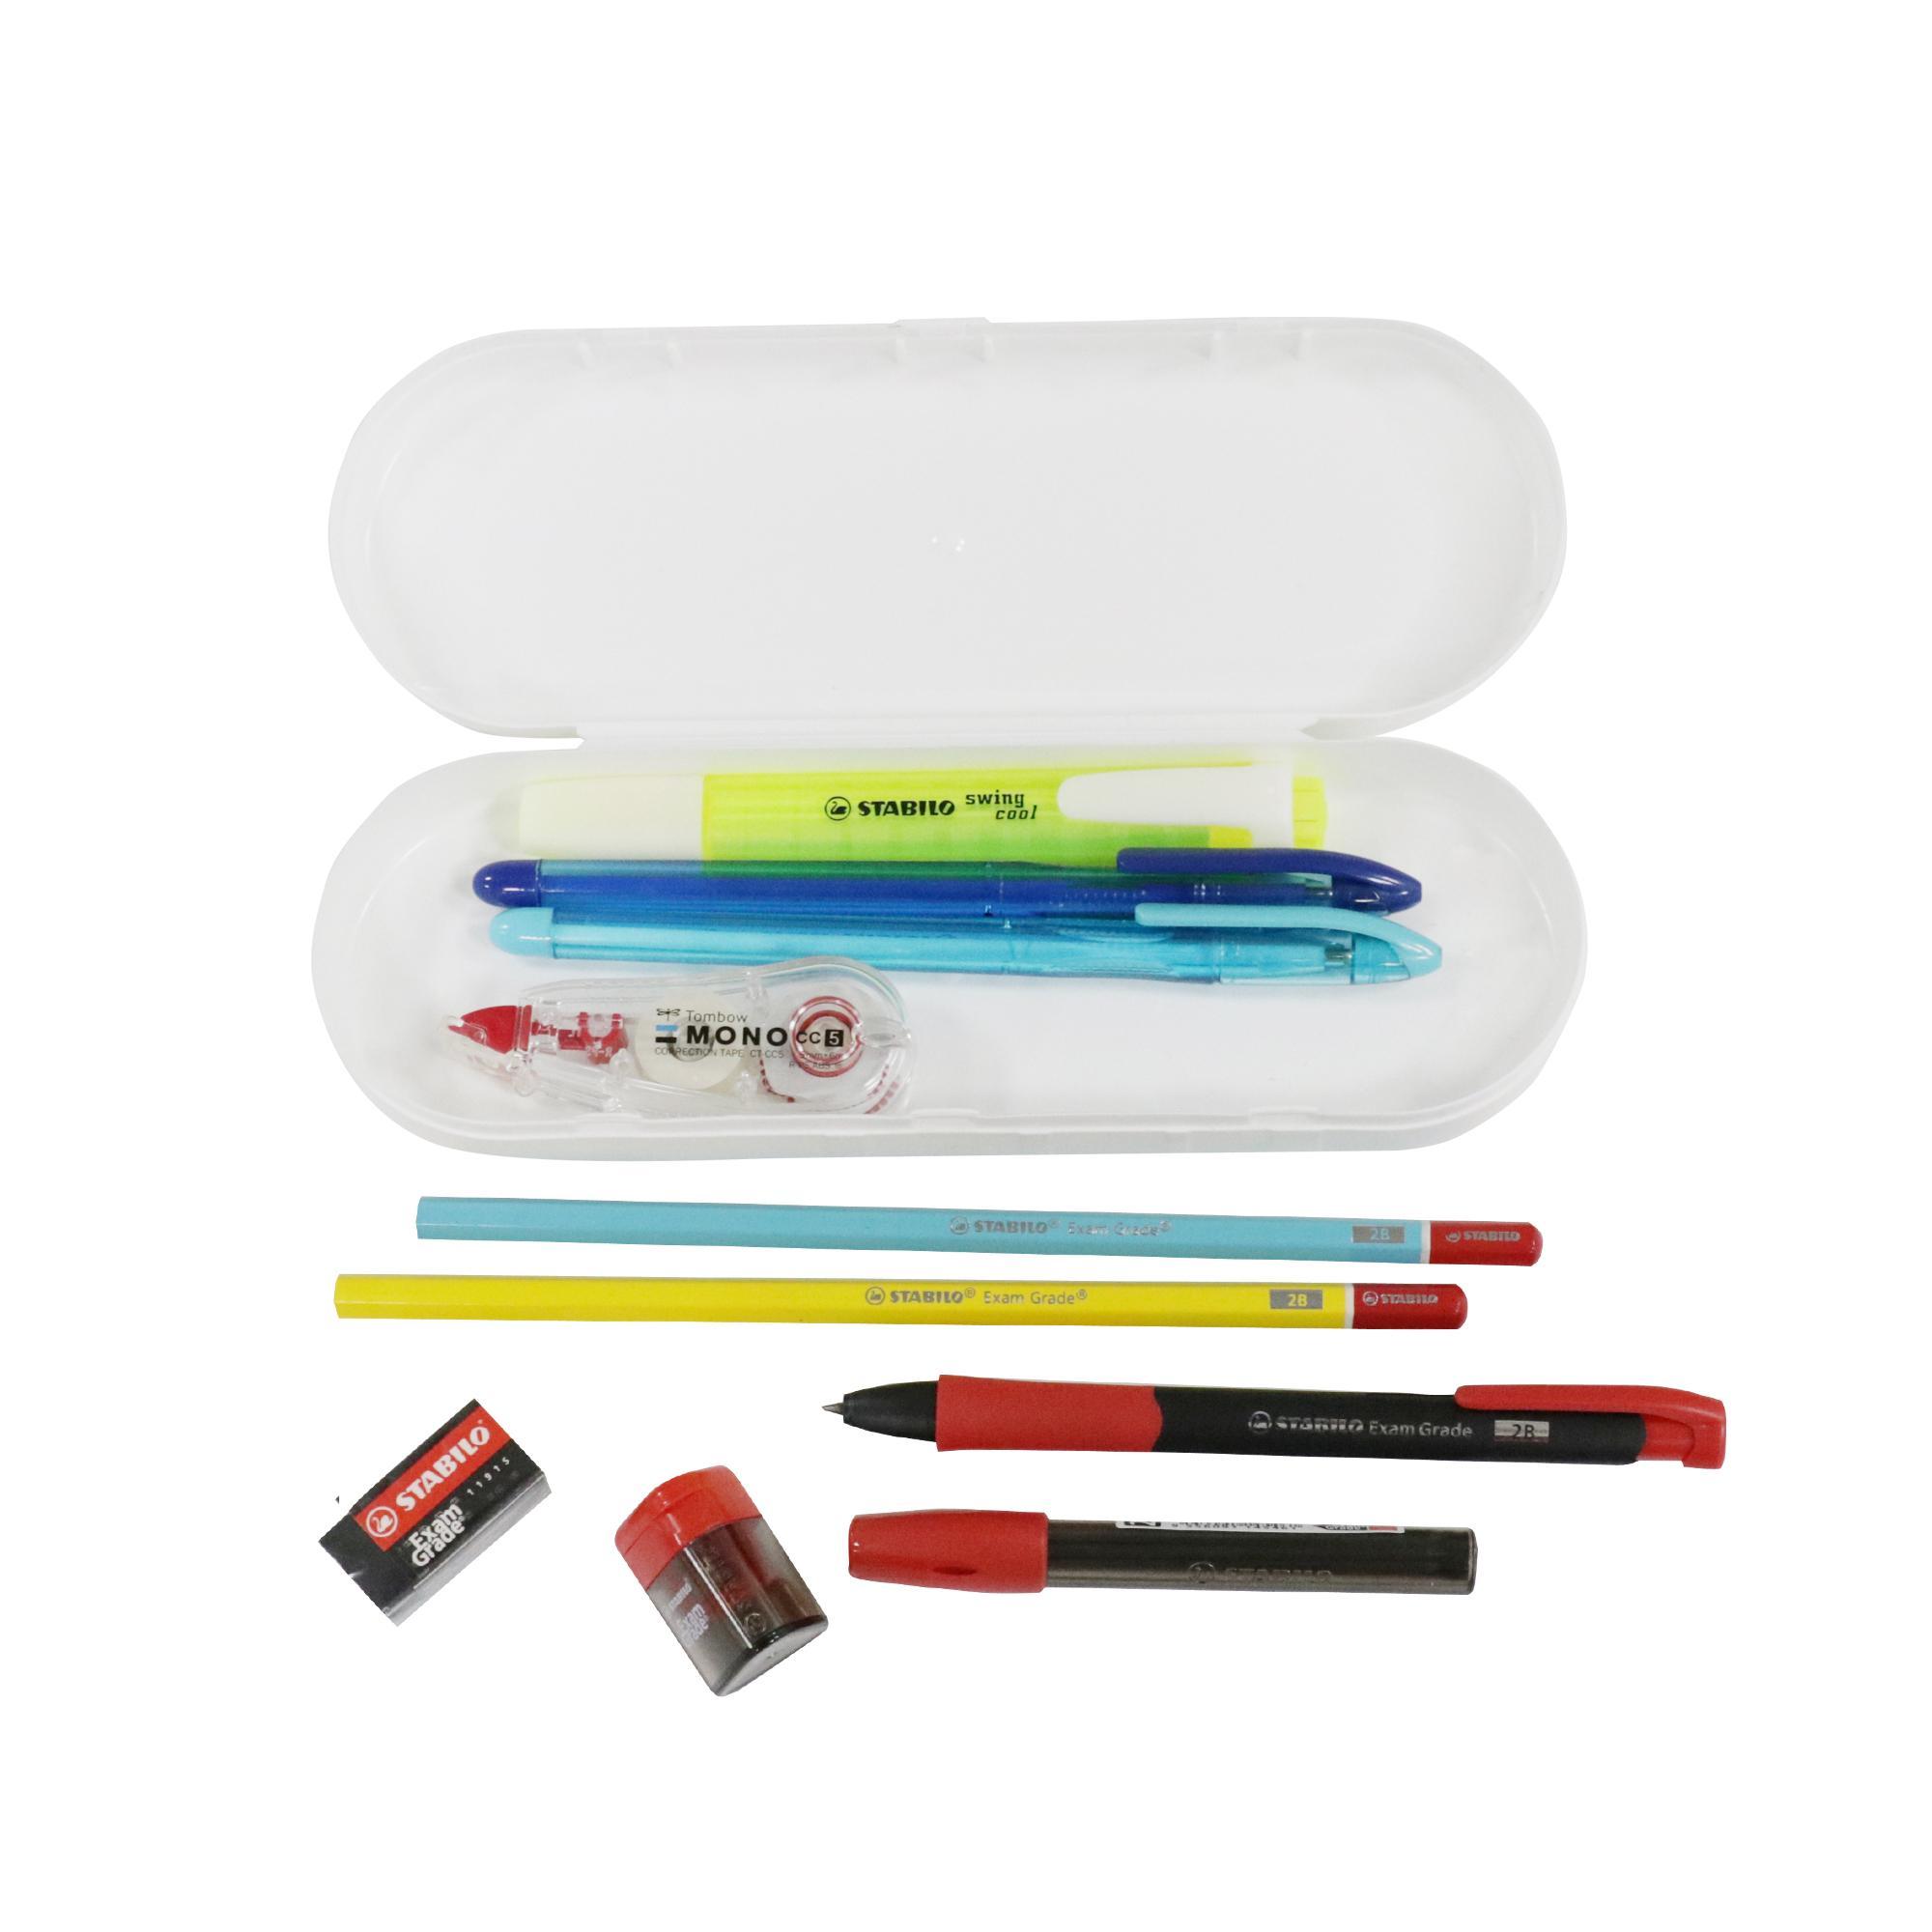 Produk Stabilo Terlengkap Murah 2 Warna Joyko Paket Aneka Alat Tulis Ekonomis Untuk Pelajar